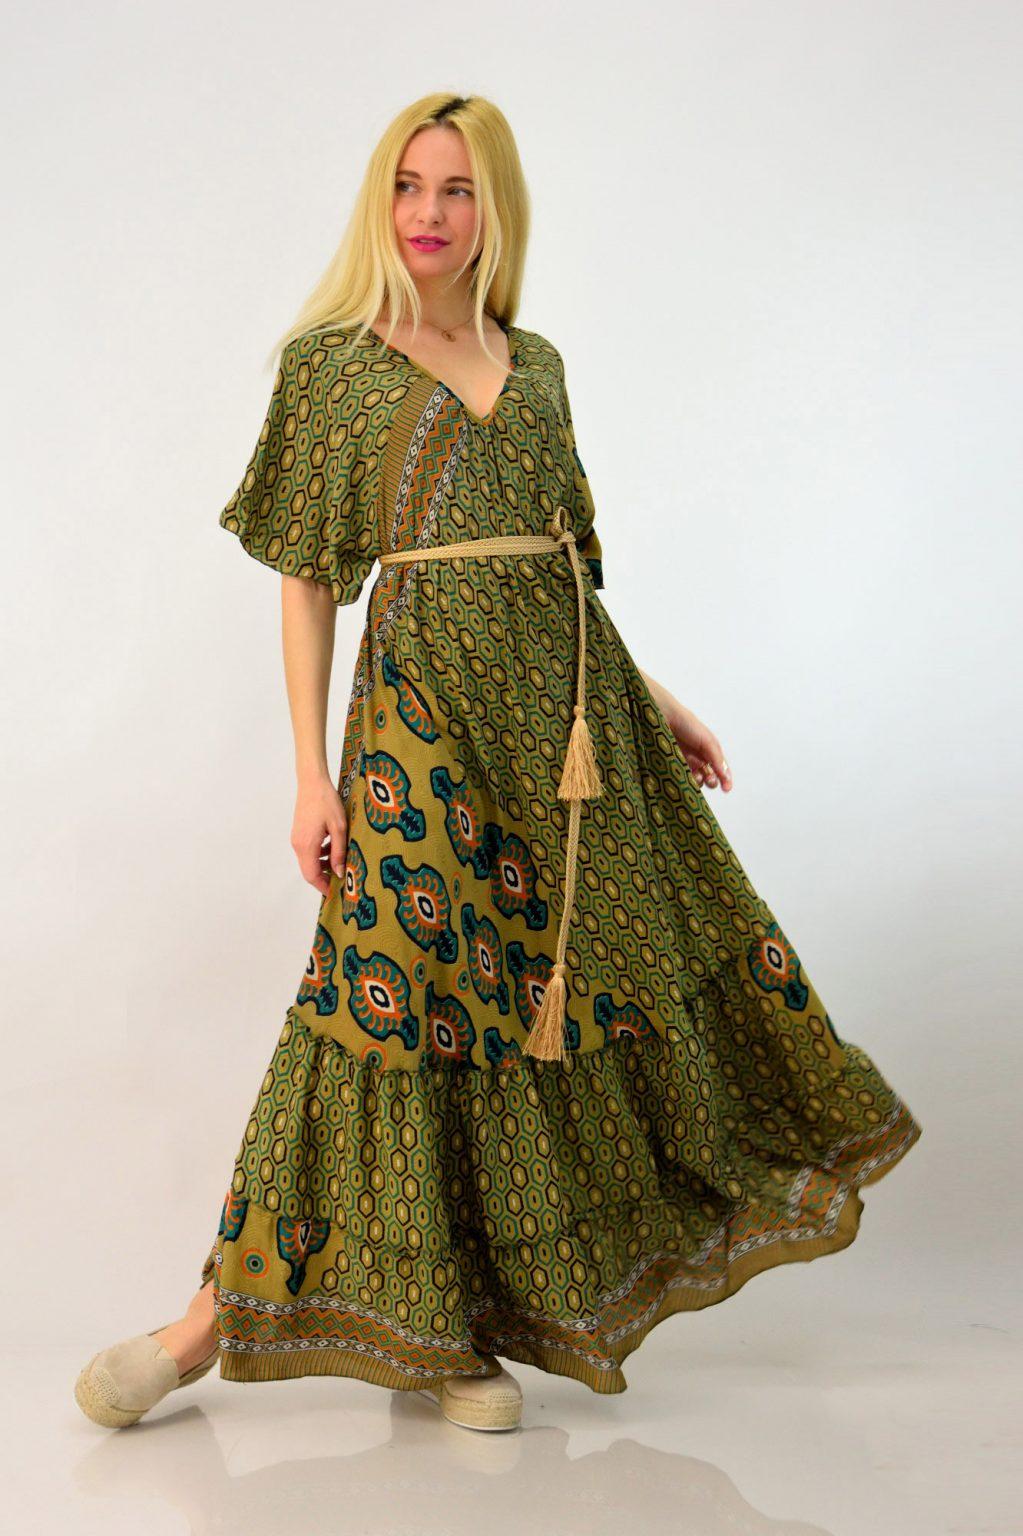 0d53b37fc60 Κάτι άλλο που πρέπει επίσης να έχεις στο μυαλό σου όταν ψάχνεις μακριά  φορέματα, boho ή και πιο επίσημα σε plus size, είναι να επιλέξεις αυτά που  είναι ...